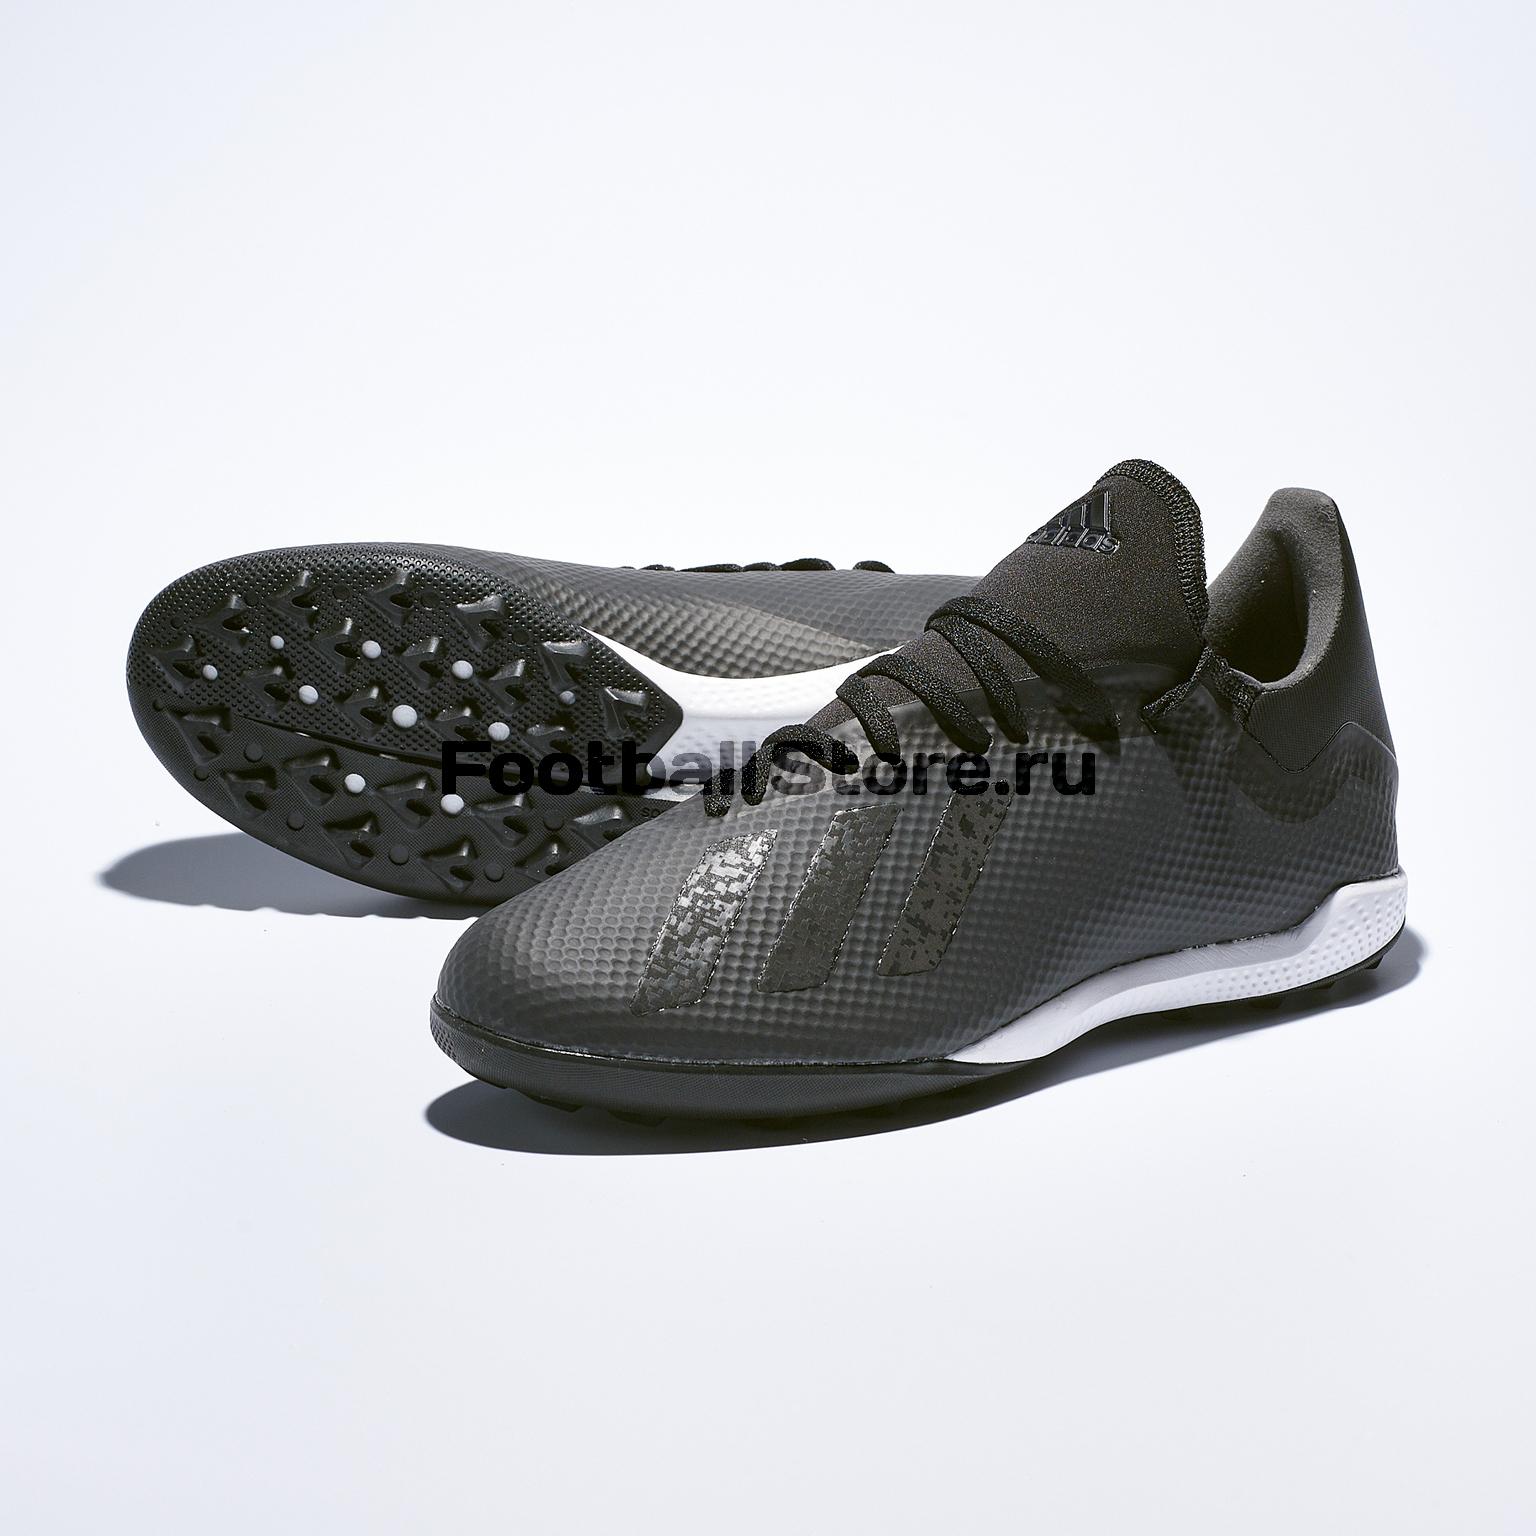 Шиповки Adidas X Tango 18.3 TF DB2476 цена